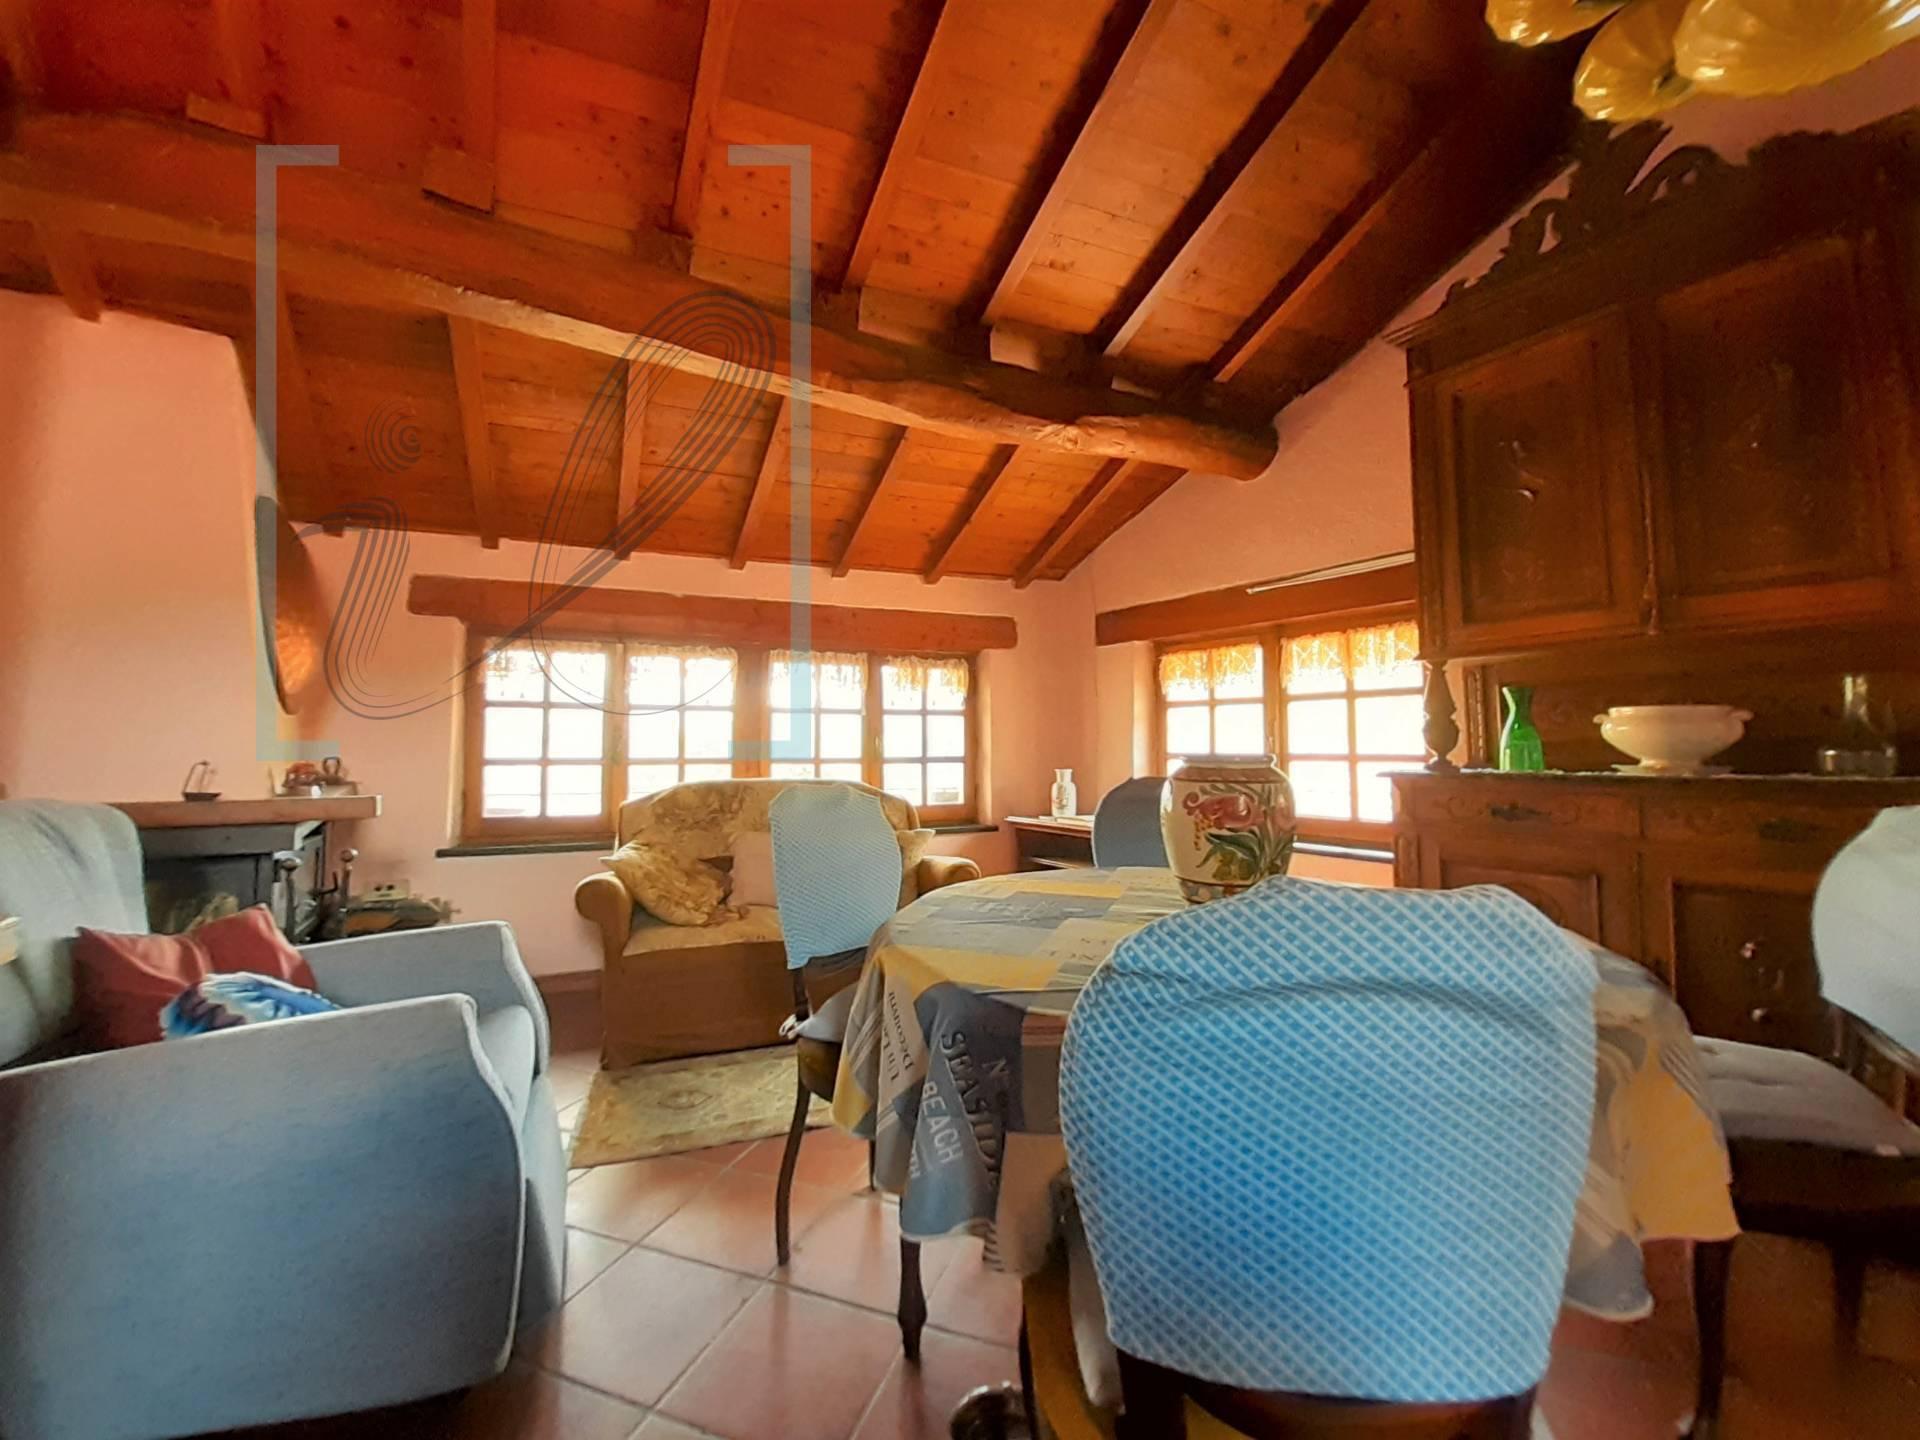 Rustico / Casale in vendita a Vessalico, 6 locali, prezzo € 105.000 | CambioCasa.it